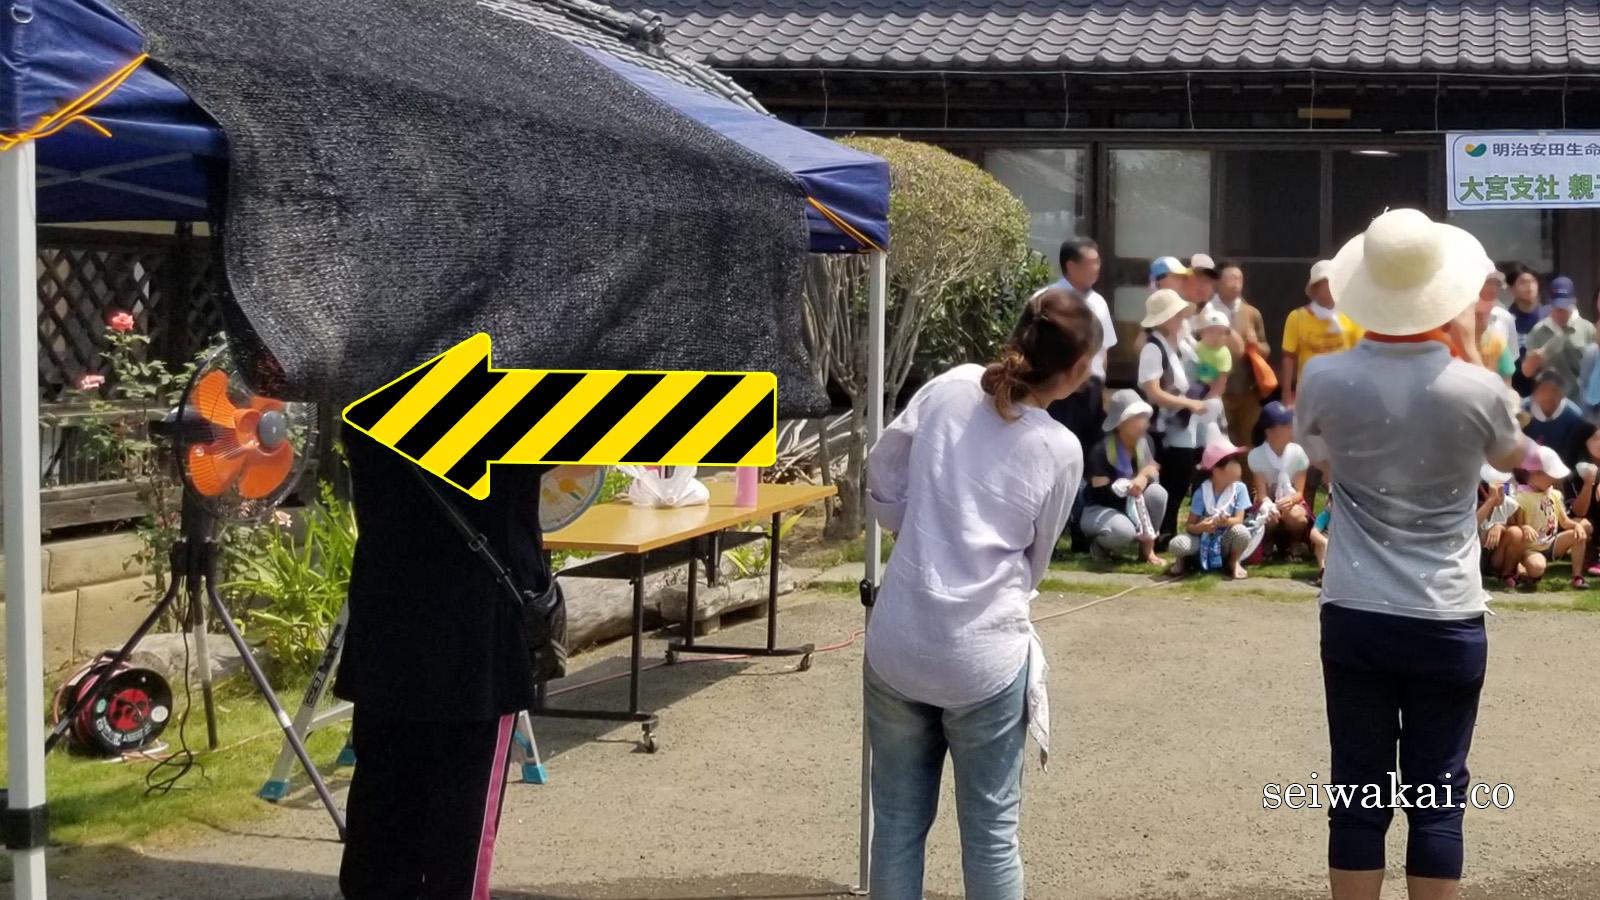 180721-seiwakai02